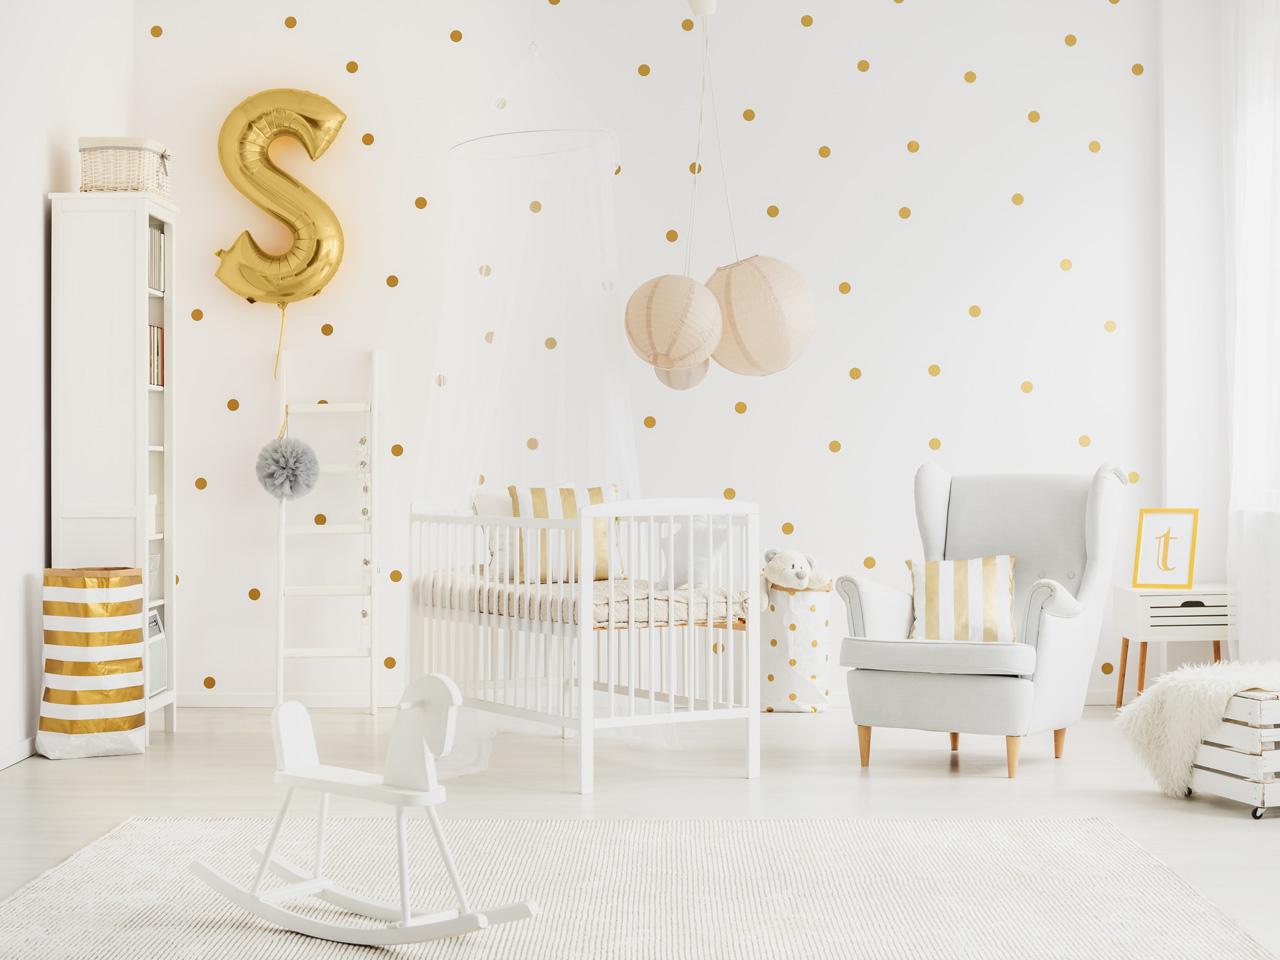 Astounding Aufräumtipps Das Beste Von Elegante Einrichtung Für Das Kinderzimmer